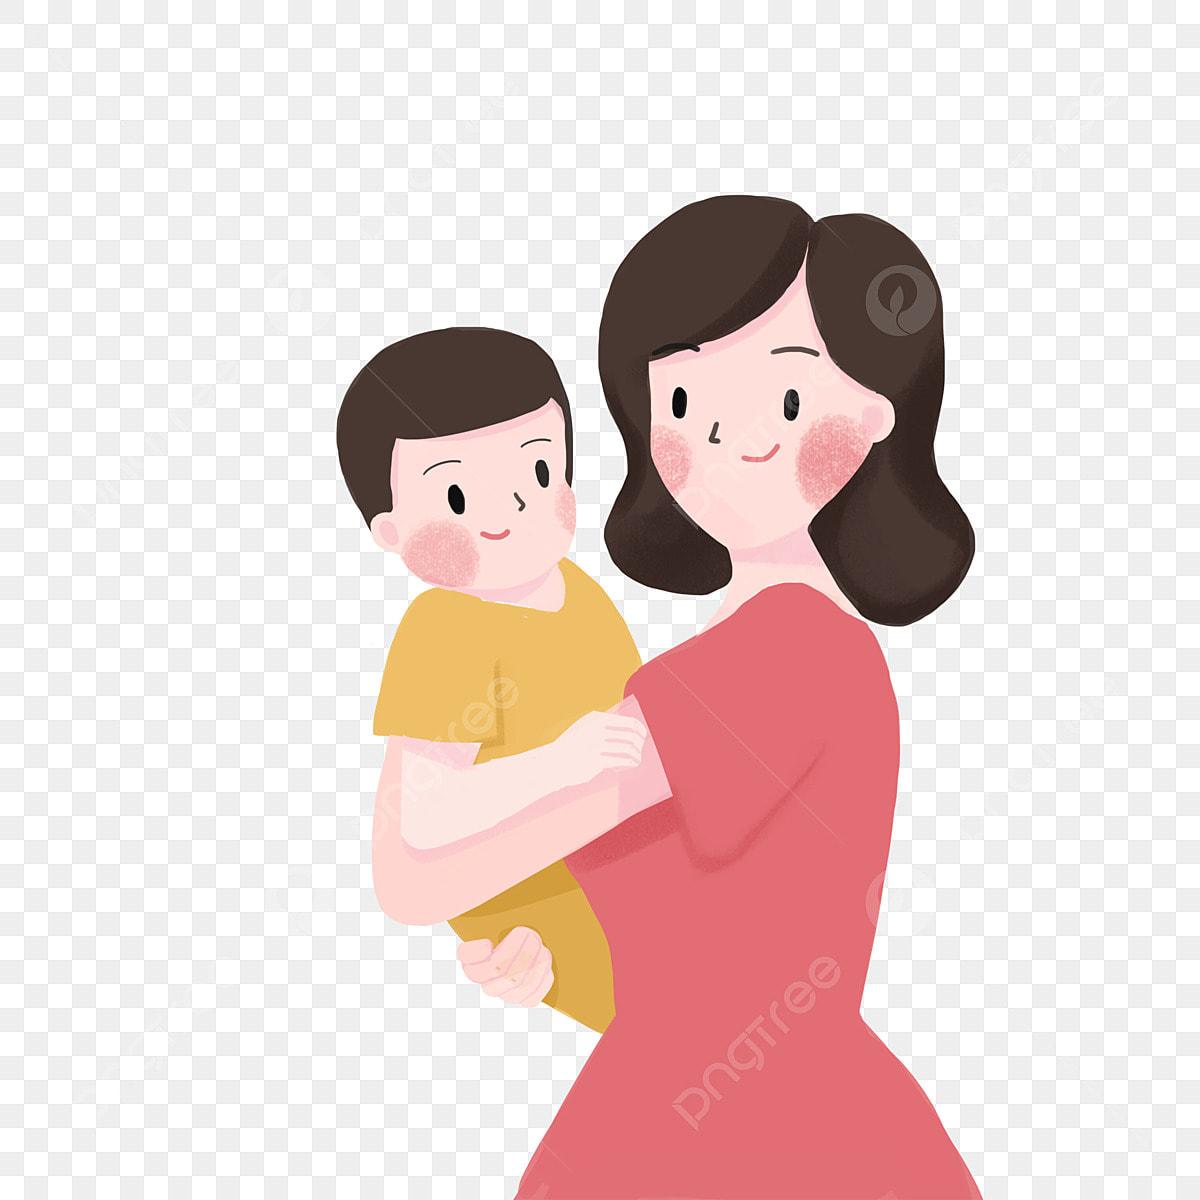 Gambar Anak Ibu Penyayang Seorang Ibu Yang Anak Png Dan Psd Untuk Muat Turun Percuma